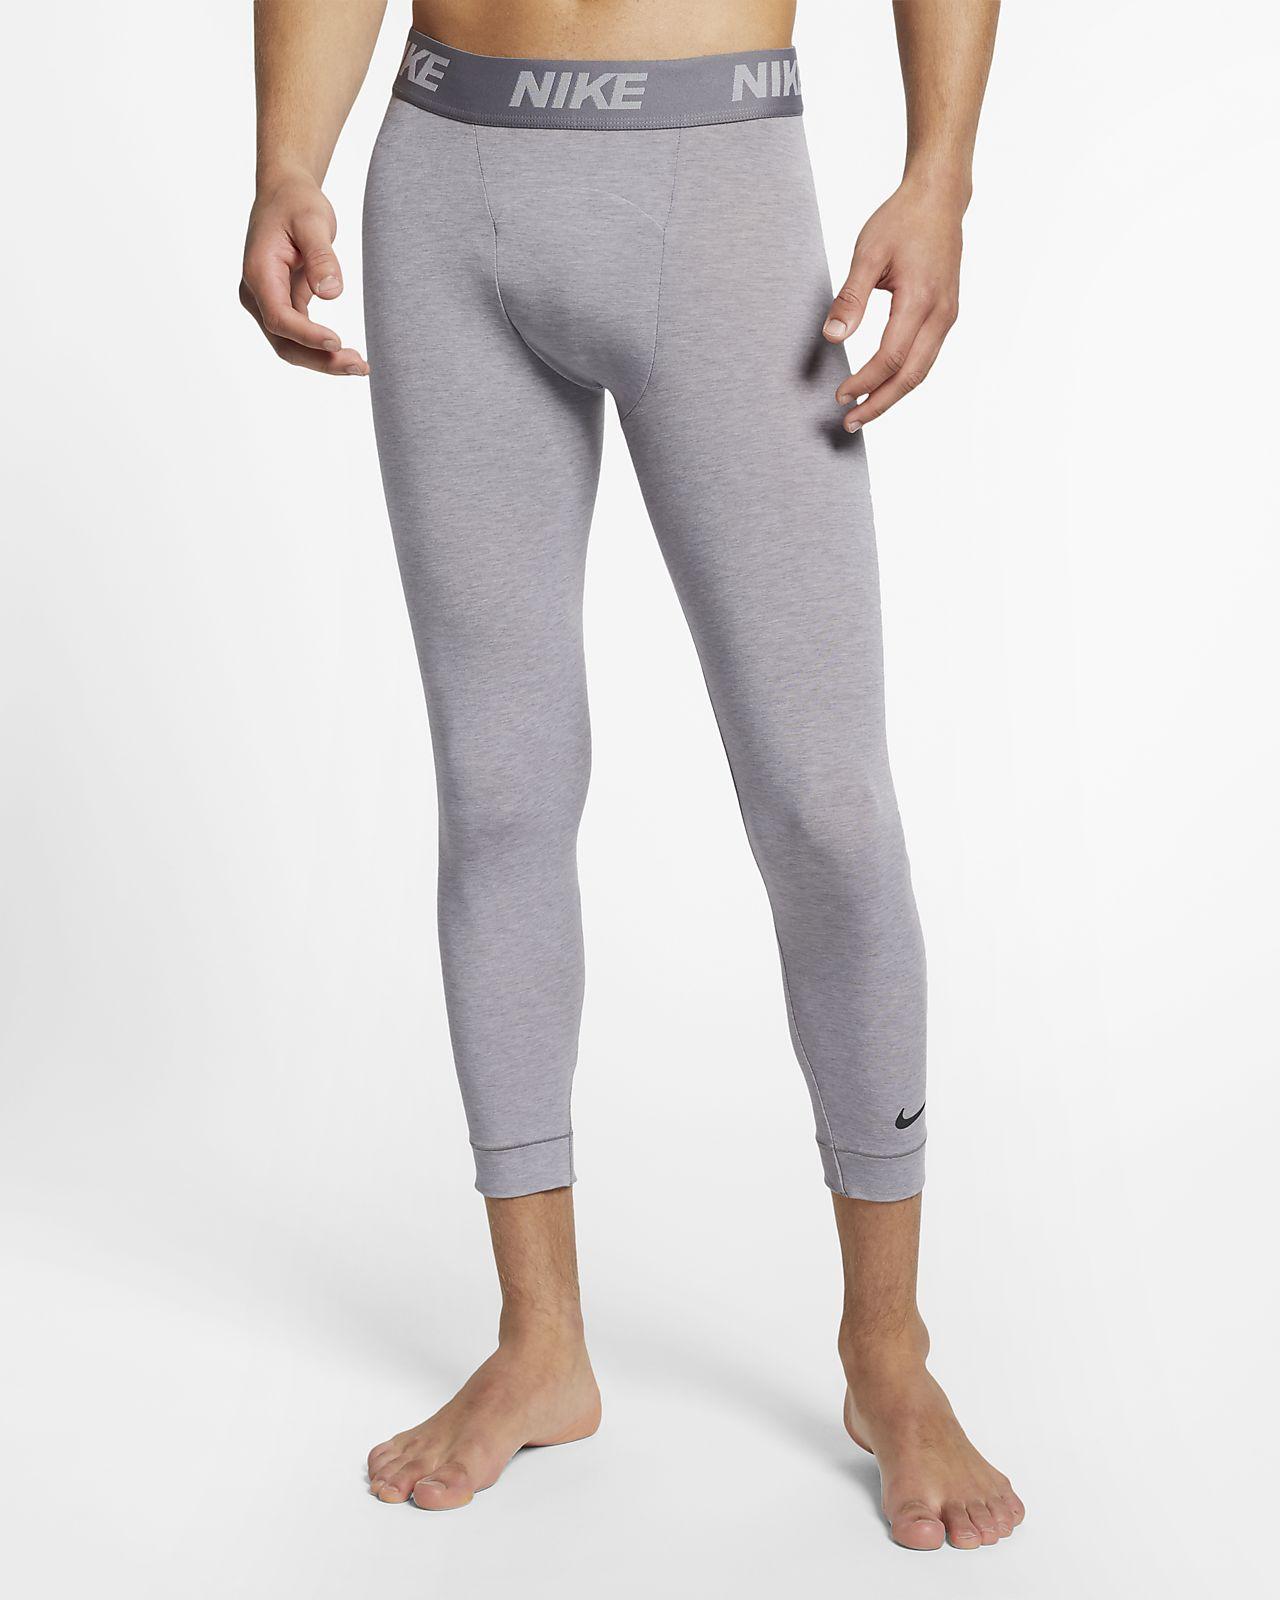 Мужские тайтсы длиной 3/4 для йоги Nike Dri-FIT